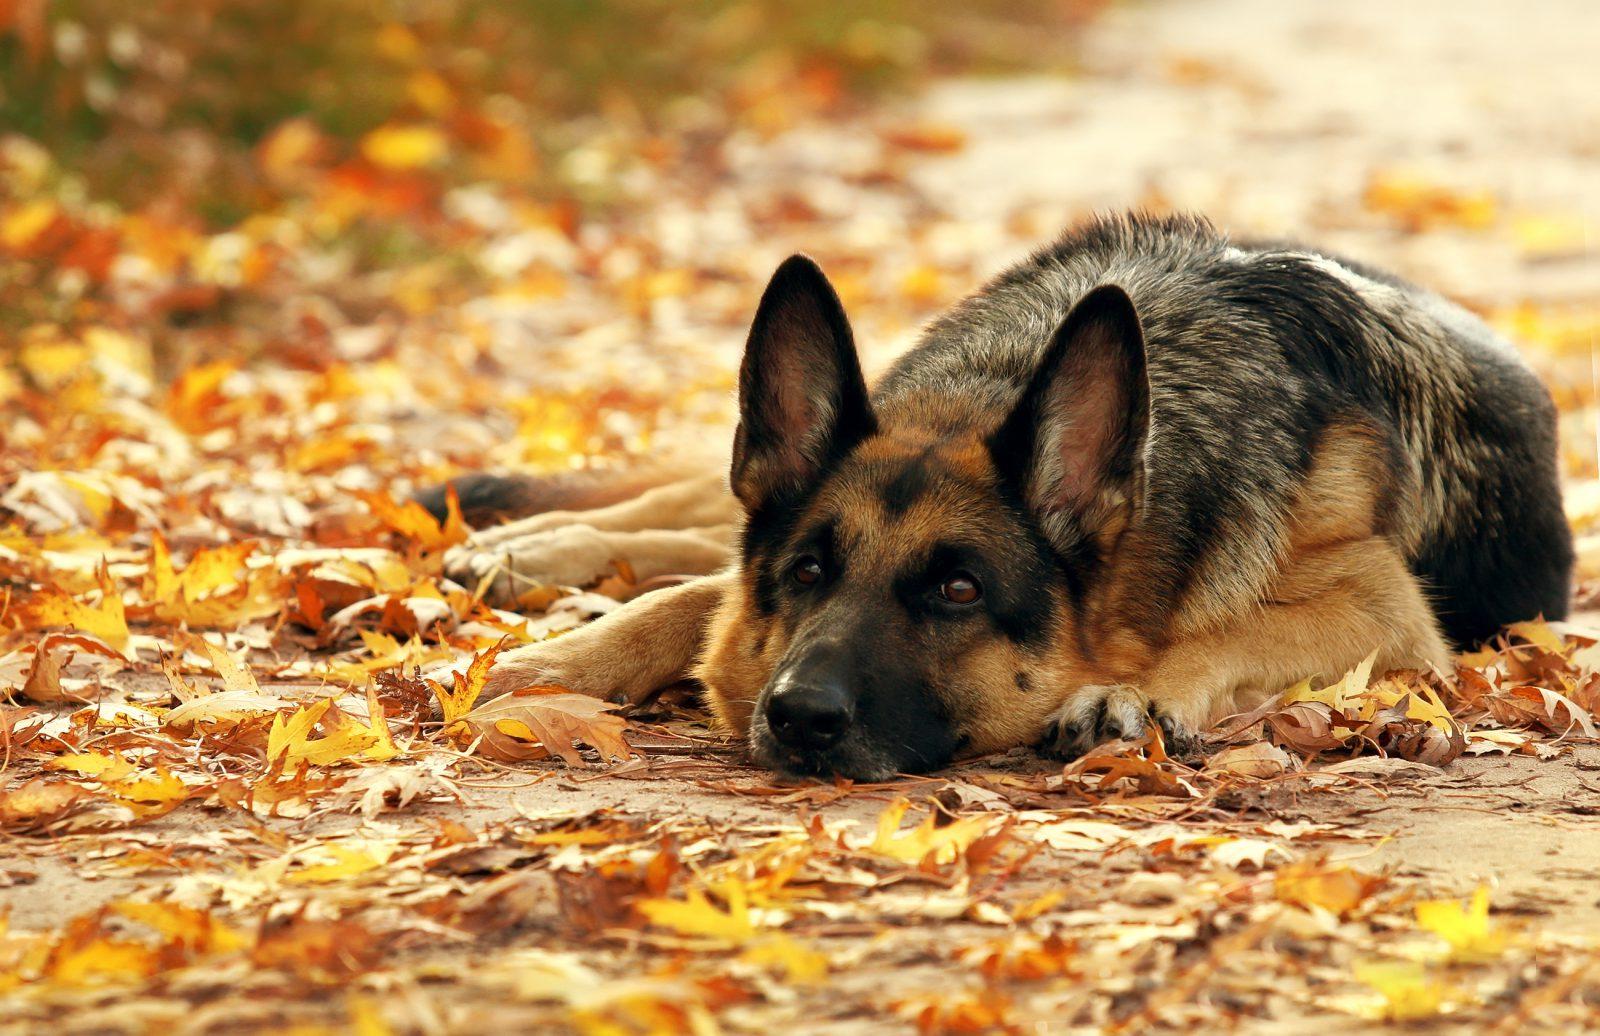 Raça de cachorro mais fiel: Pastor Alemão deitado sobre as folhas douradas de outono.